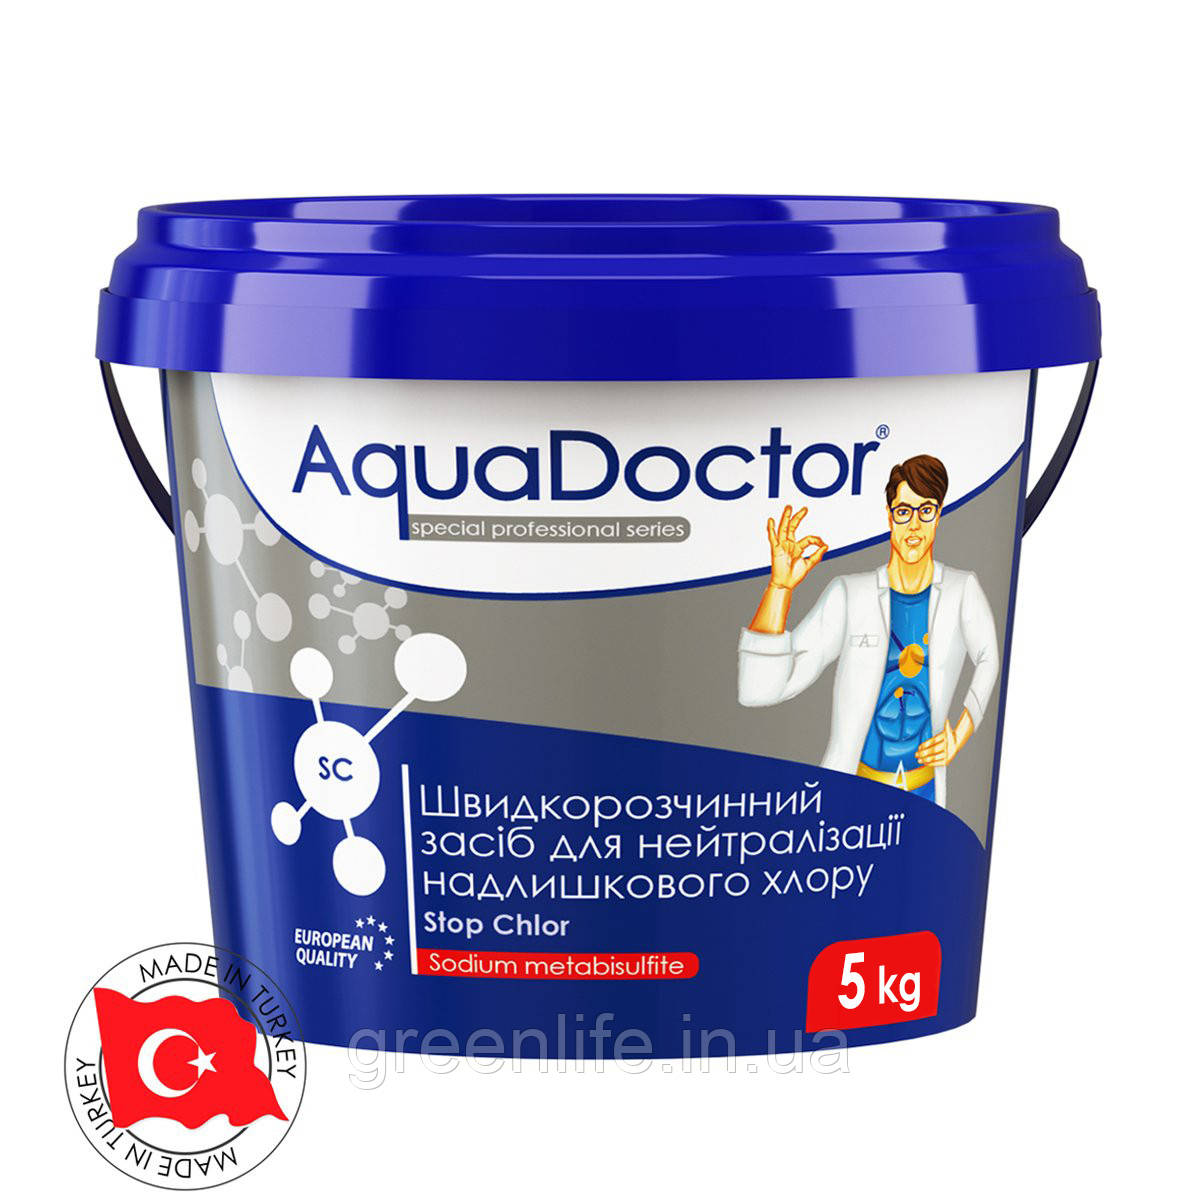 Средство для нейтрализации избыточного хлора AquaDoctor SC Stop Chlor (5 кг), Аквадоктор, 5кг